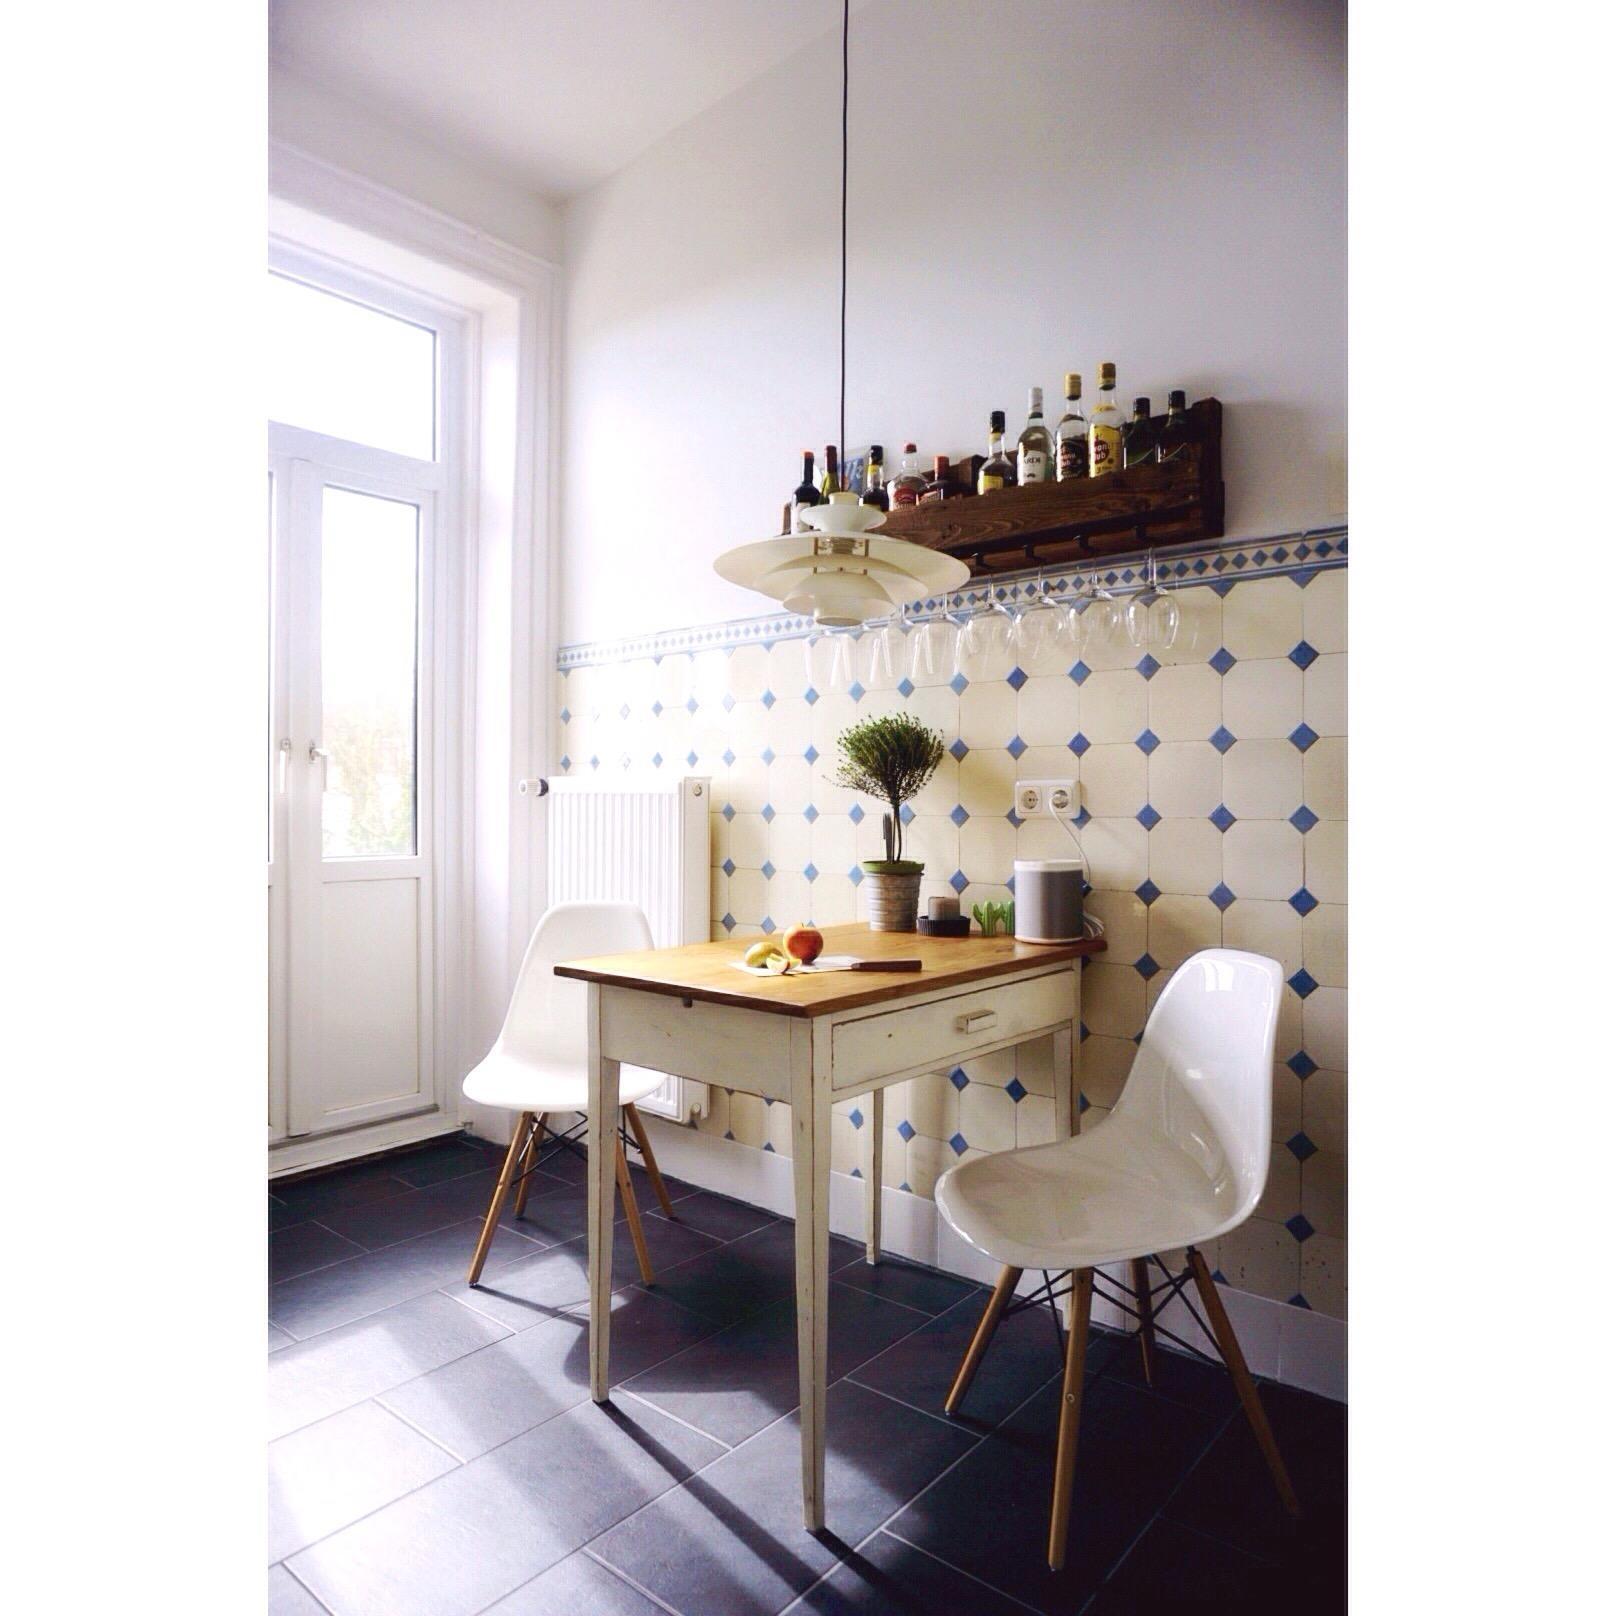 fliesen ideen lass dich inspirieren. Black Bedroom Furniture Sets. Home Design Ideas